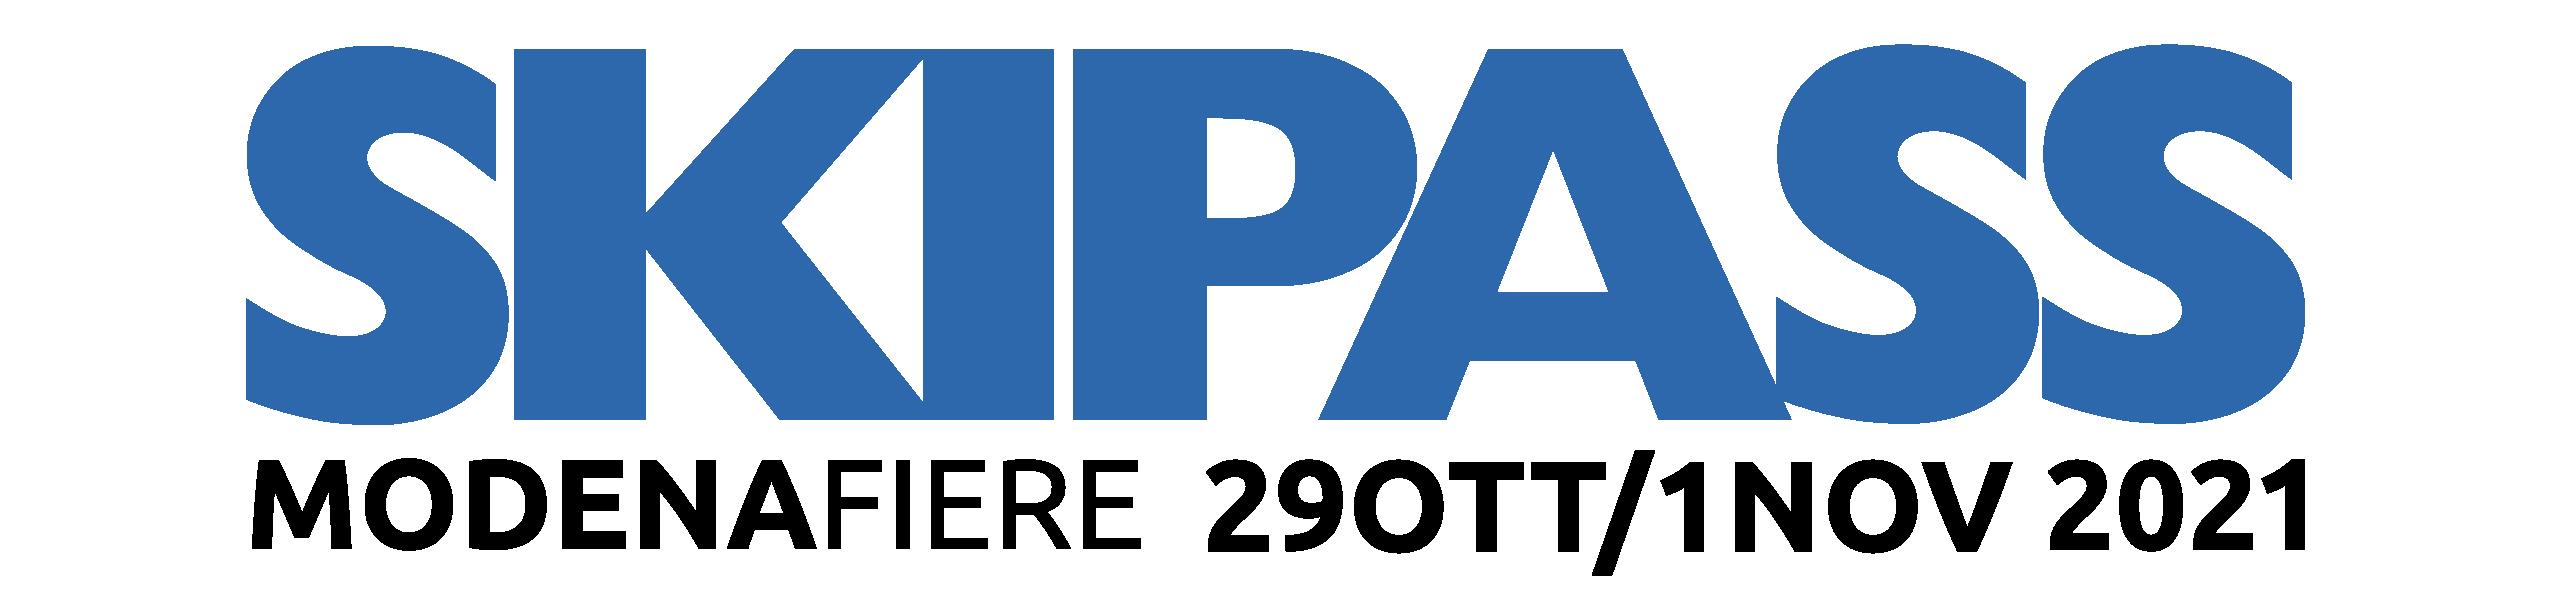 Logo_Skipass_2021_esteso_03